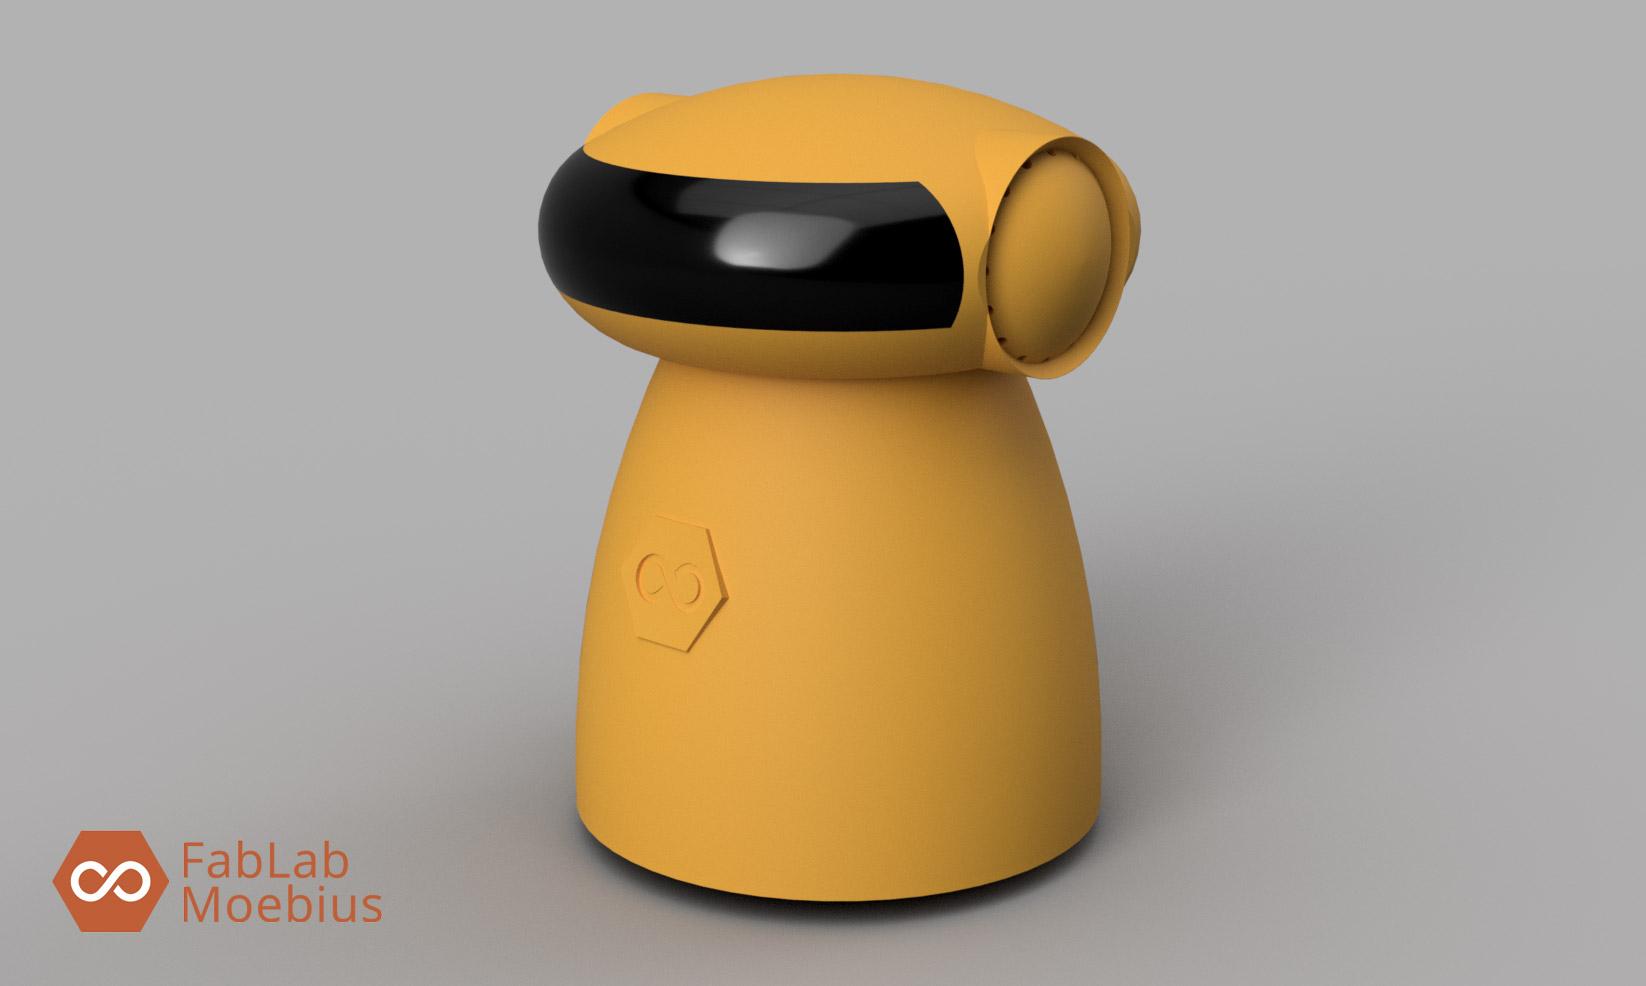 Mobee One le robot pilotable à la voix du FABLAB MOEBIUS